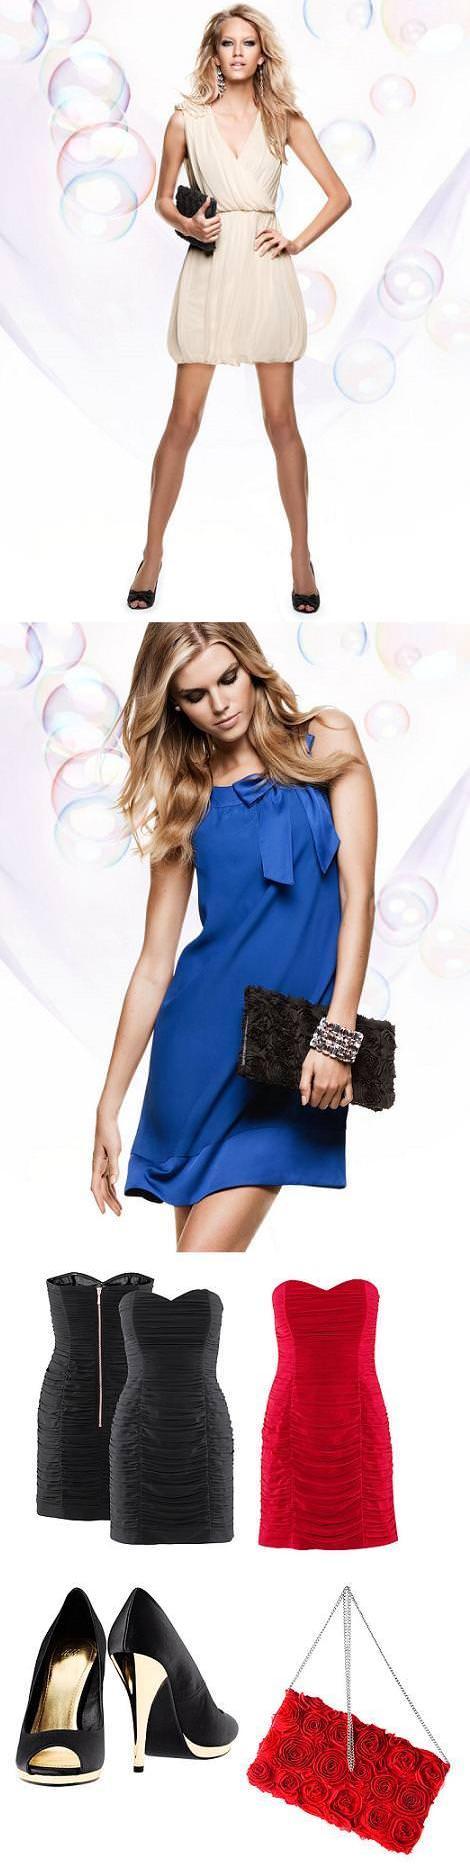 Vestidos de fiesta de H&M (otoño invierno 2010 2011)